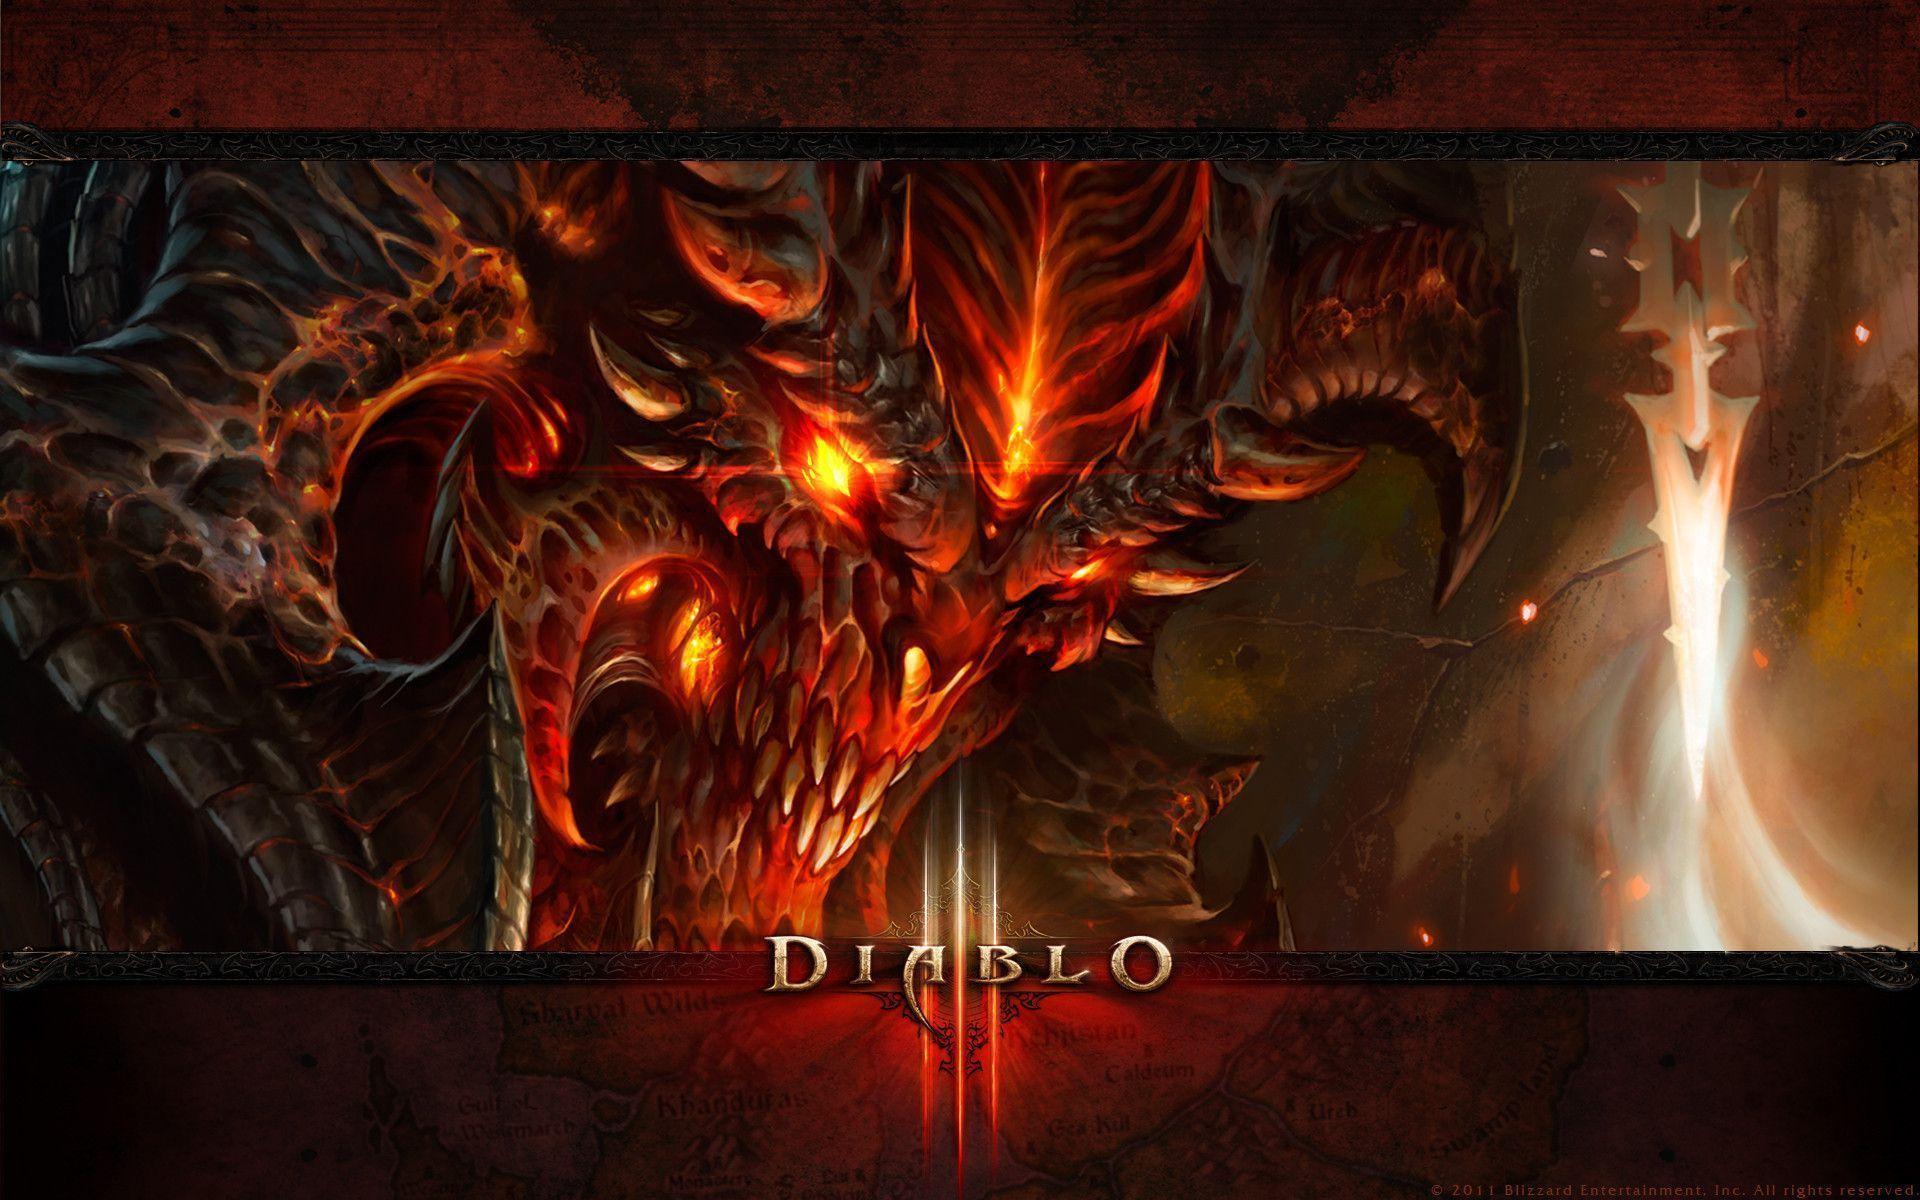 Diablo 3 Wallpaper (HD)